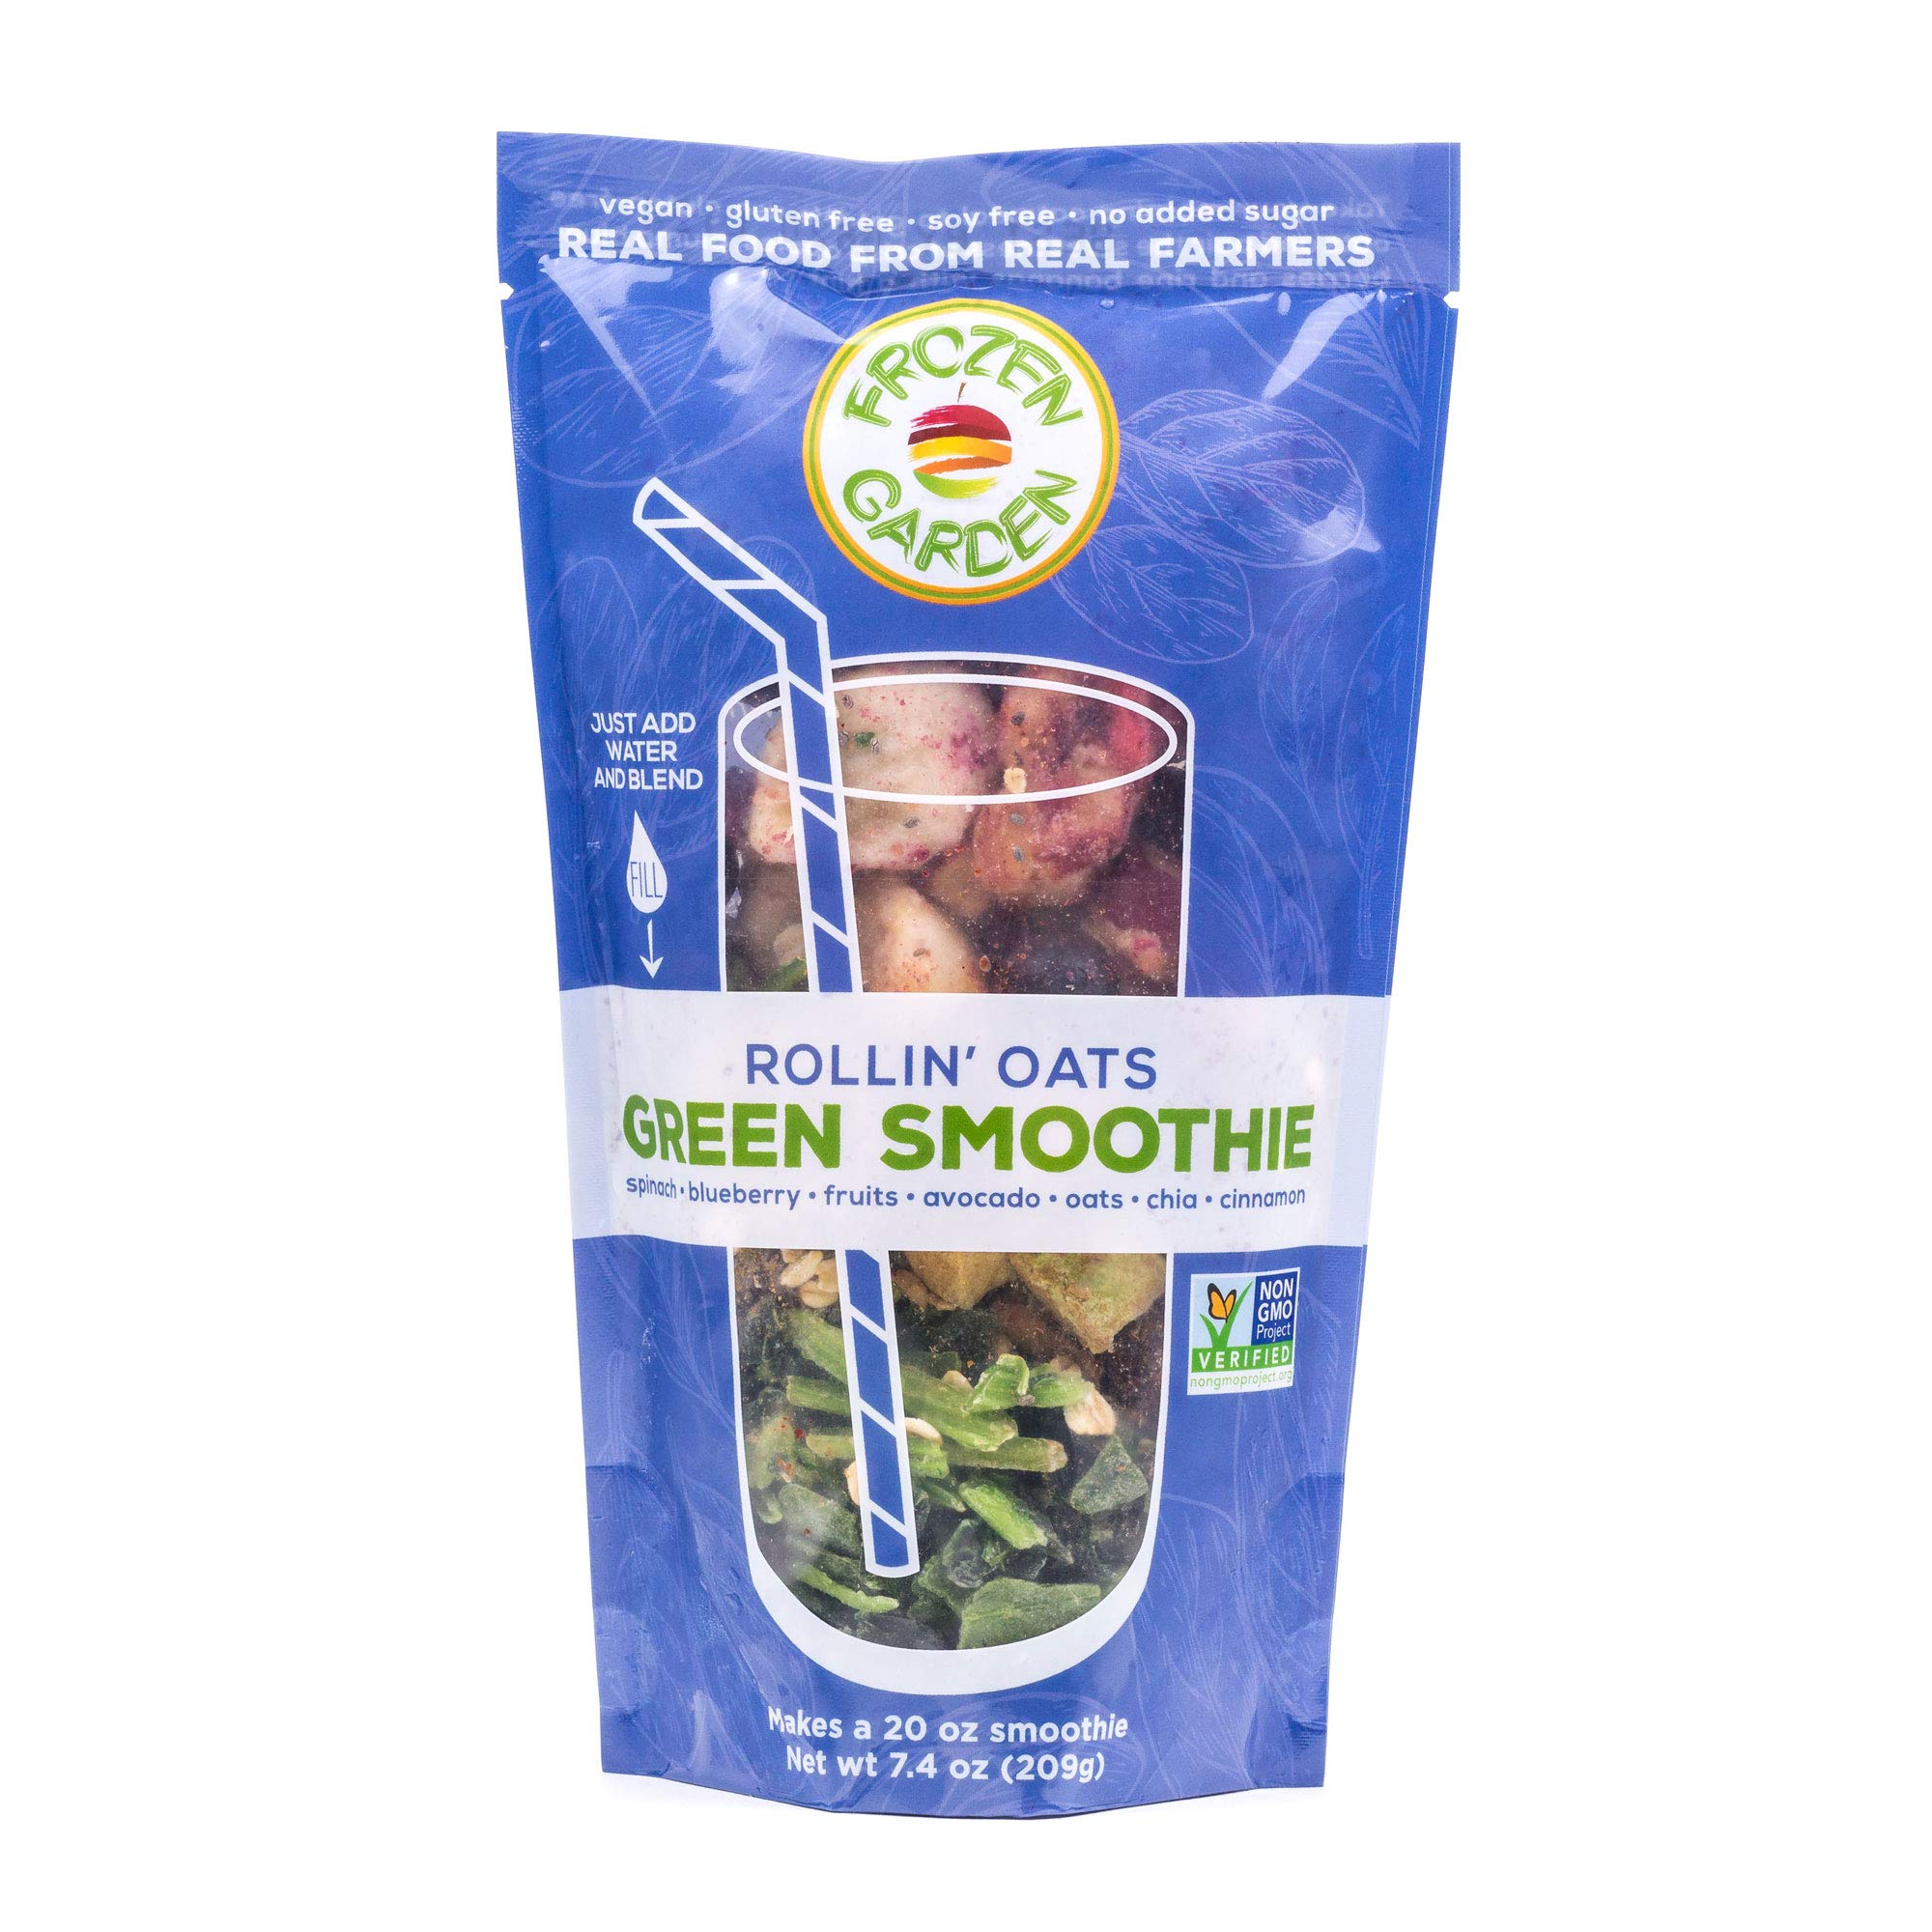 Frozen Garden Green Smoothie Pack - Rollin' Oats (24)